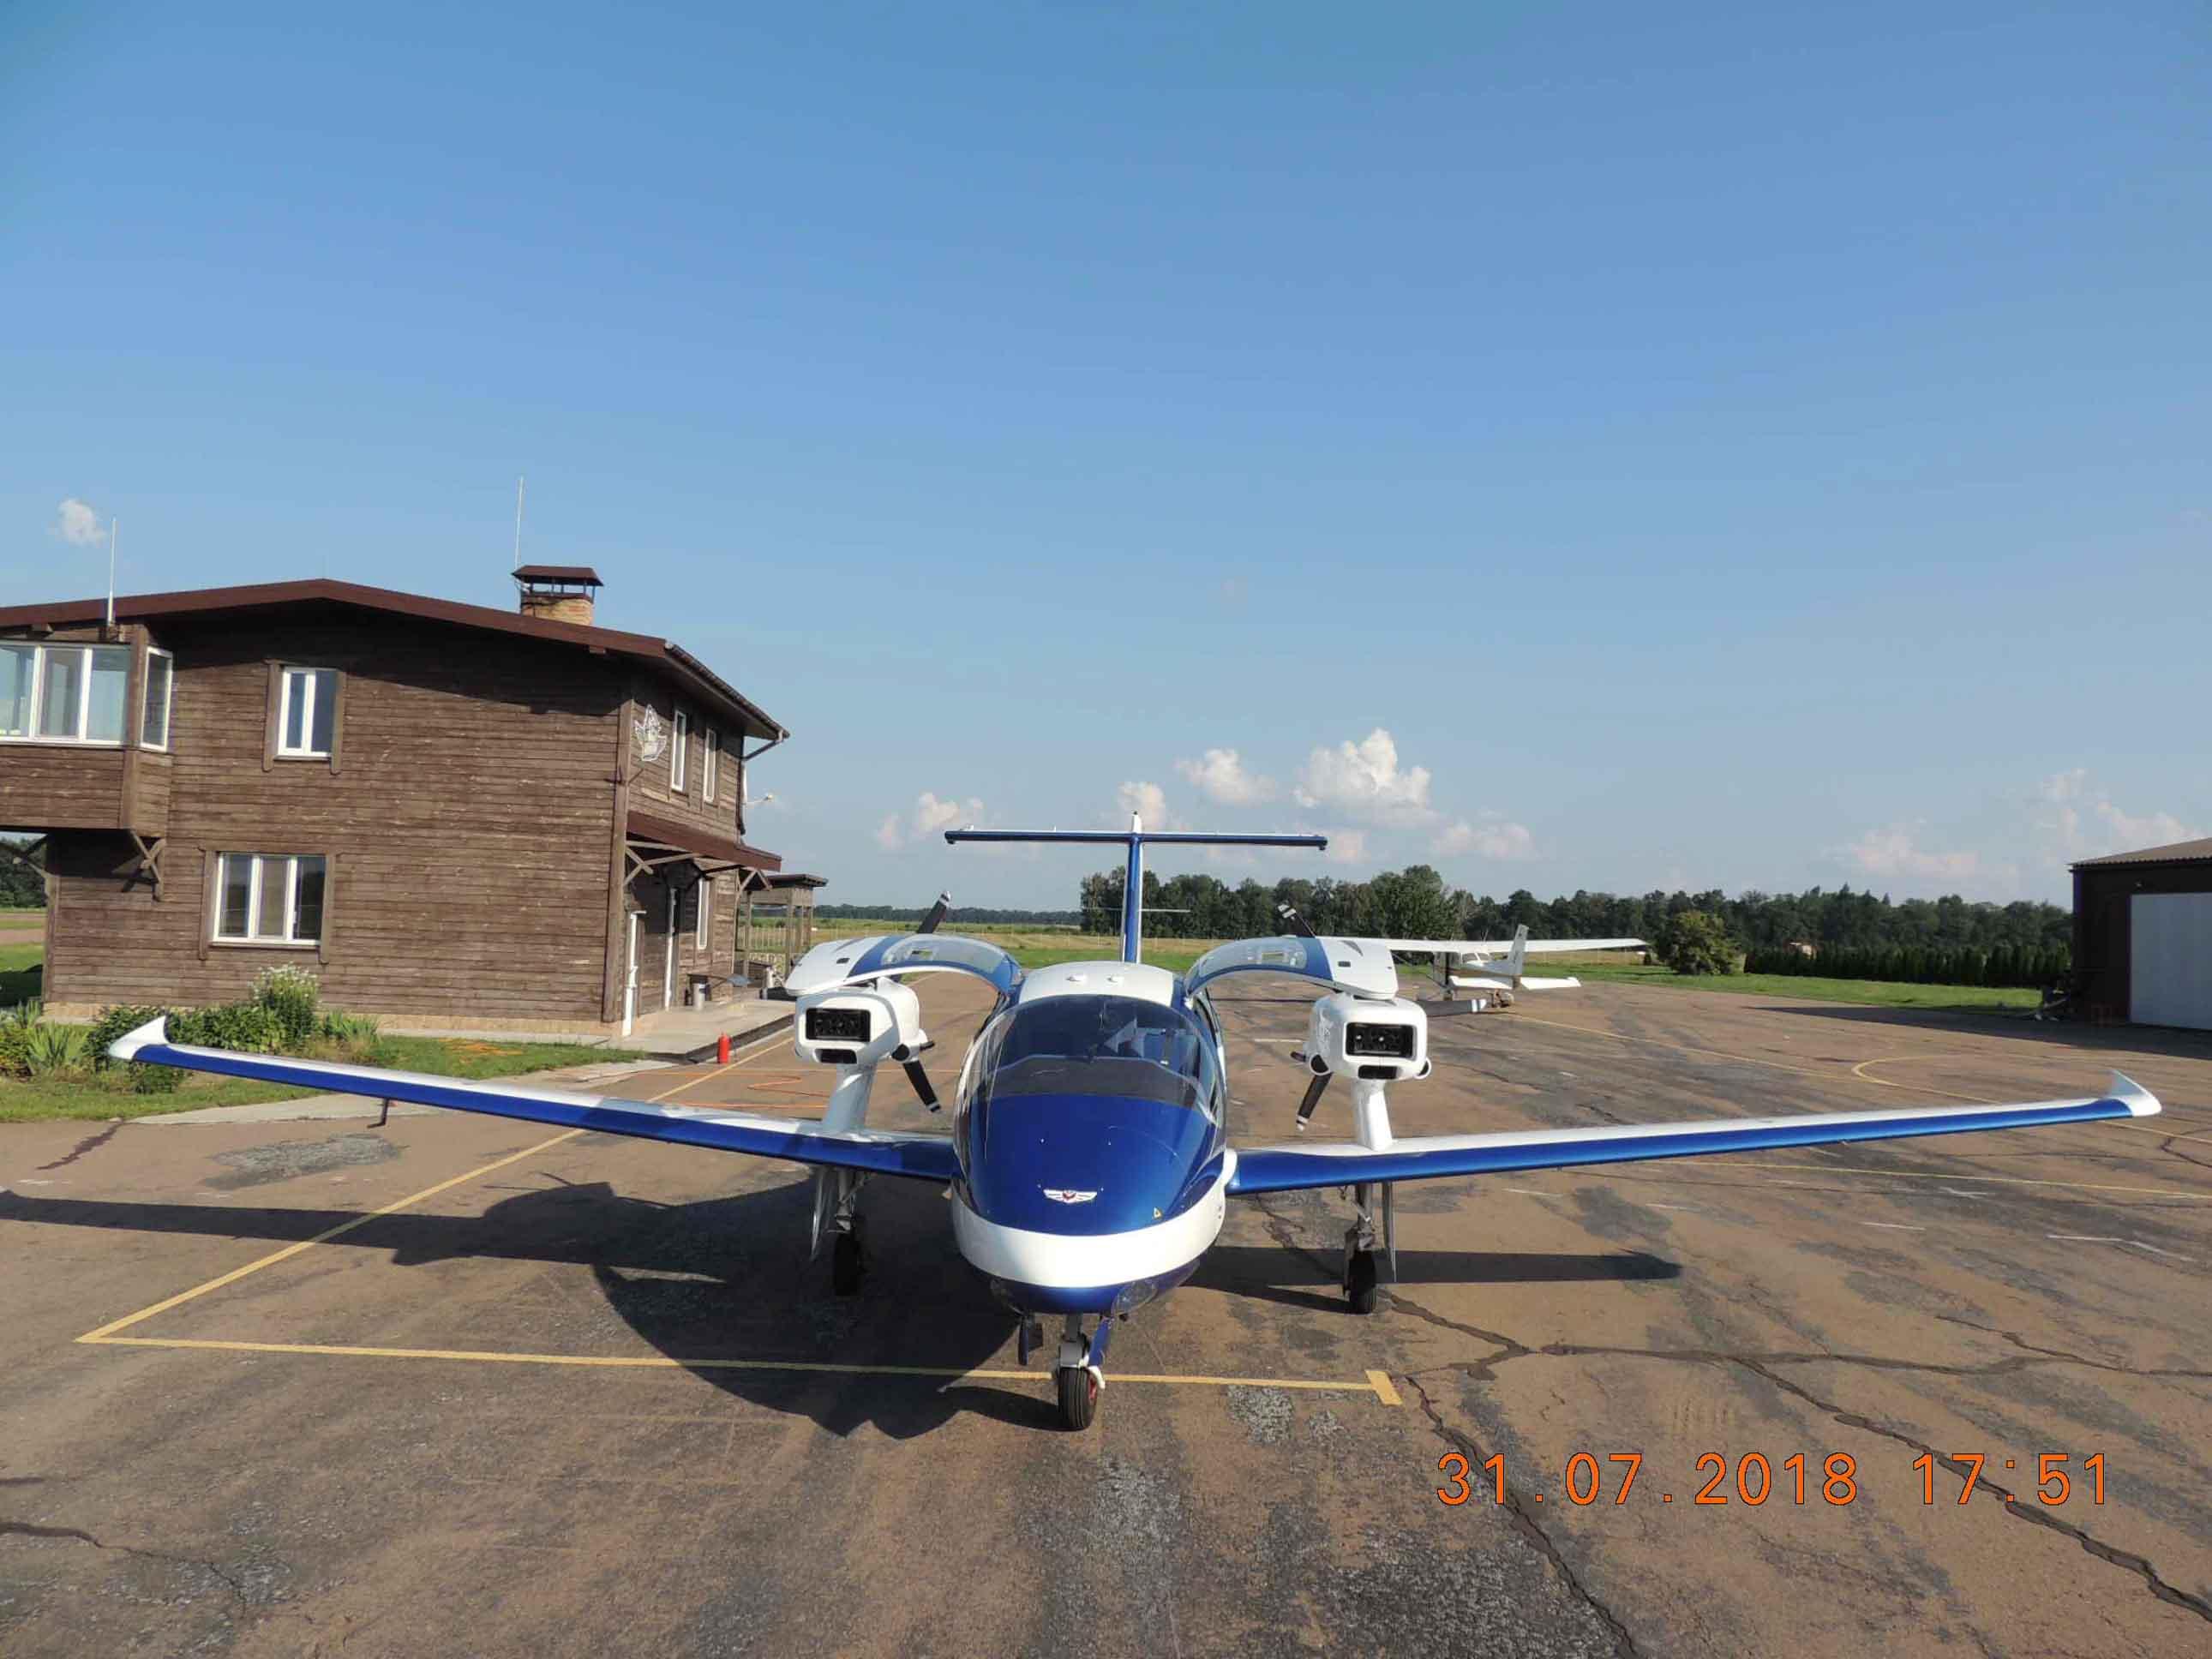 продаем четырехместный, двухмоторный самолет V-24-I фото 4